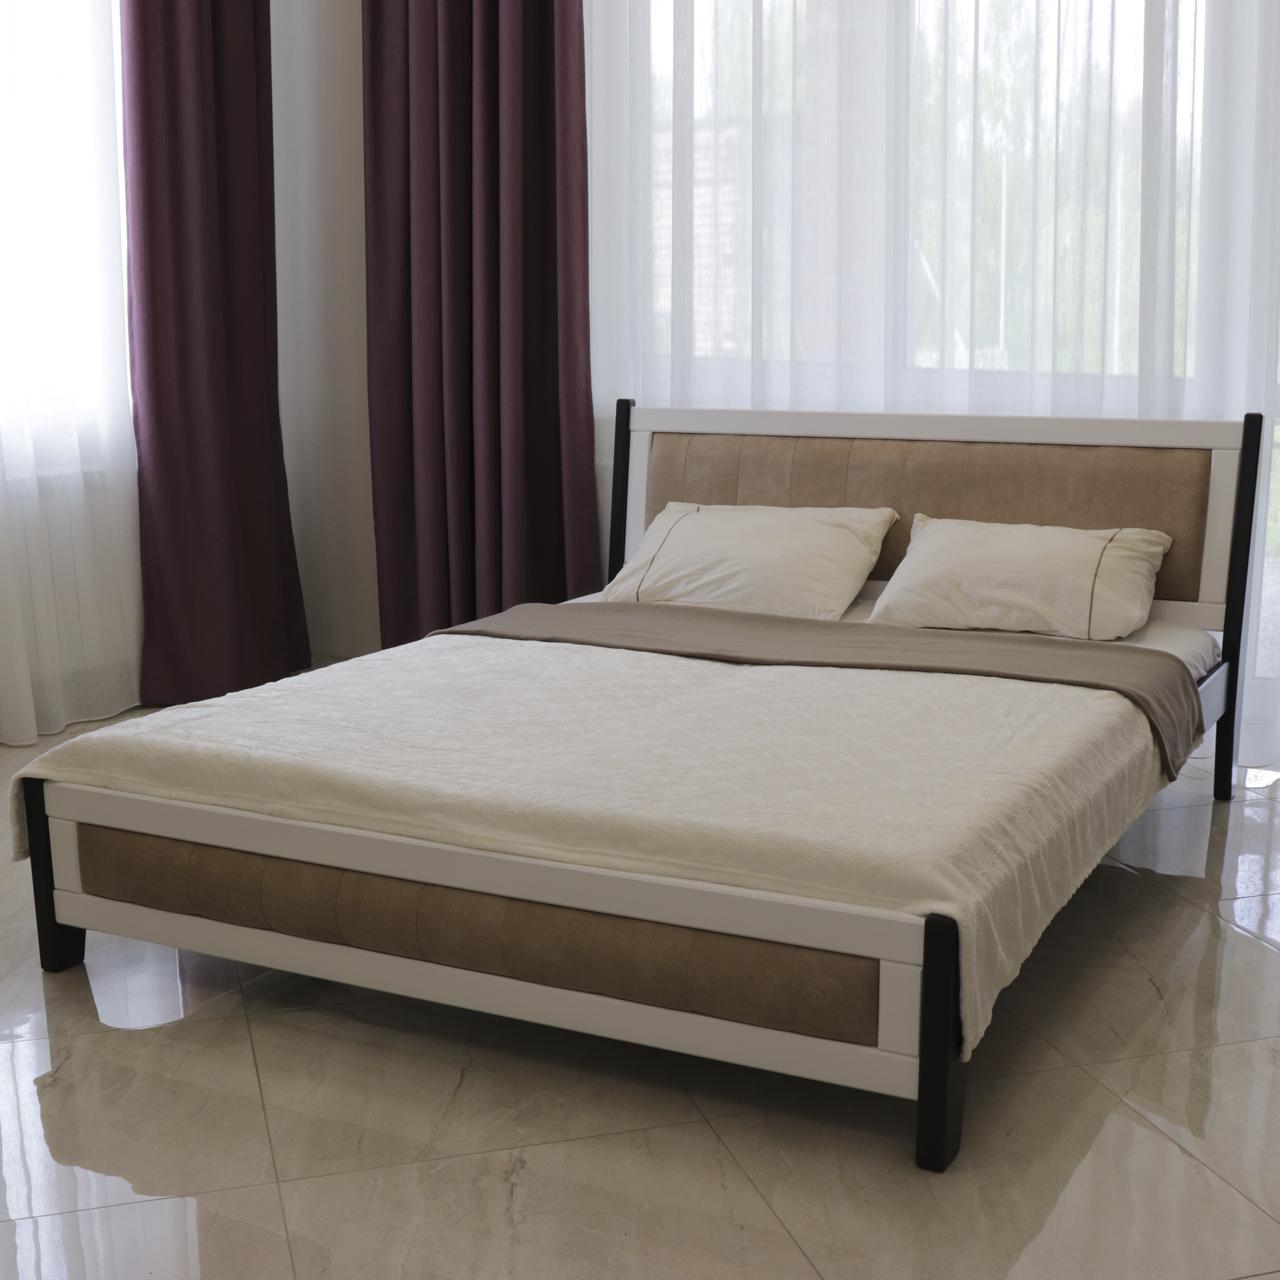 Кровать деревянная двуспальная Магнолия (массив бука)